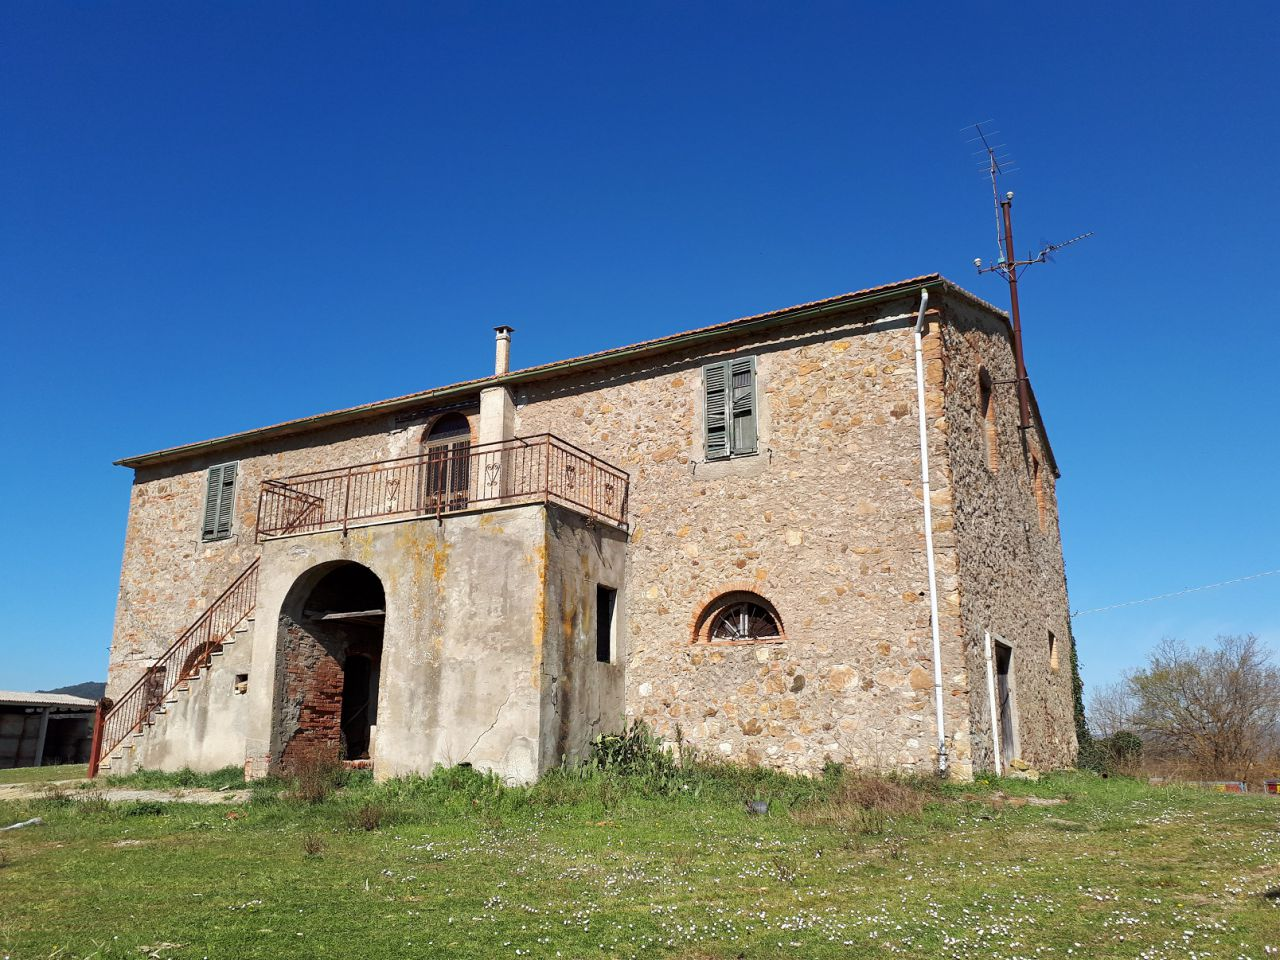 Maremma: Grande Azienda Agricola in posizione bellissima e strategica, con 44 ha di terra, un storico casale in pietra e diversi annesi.